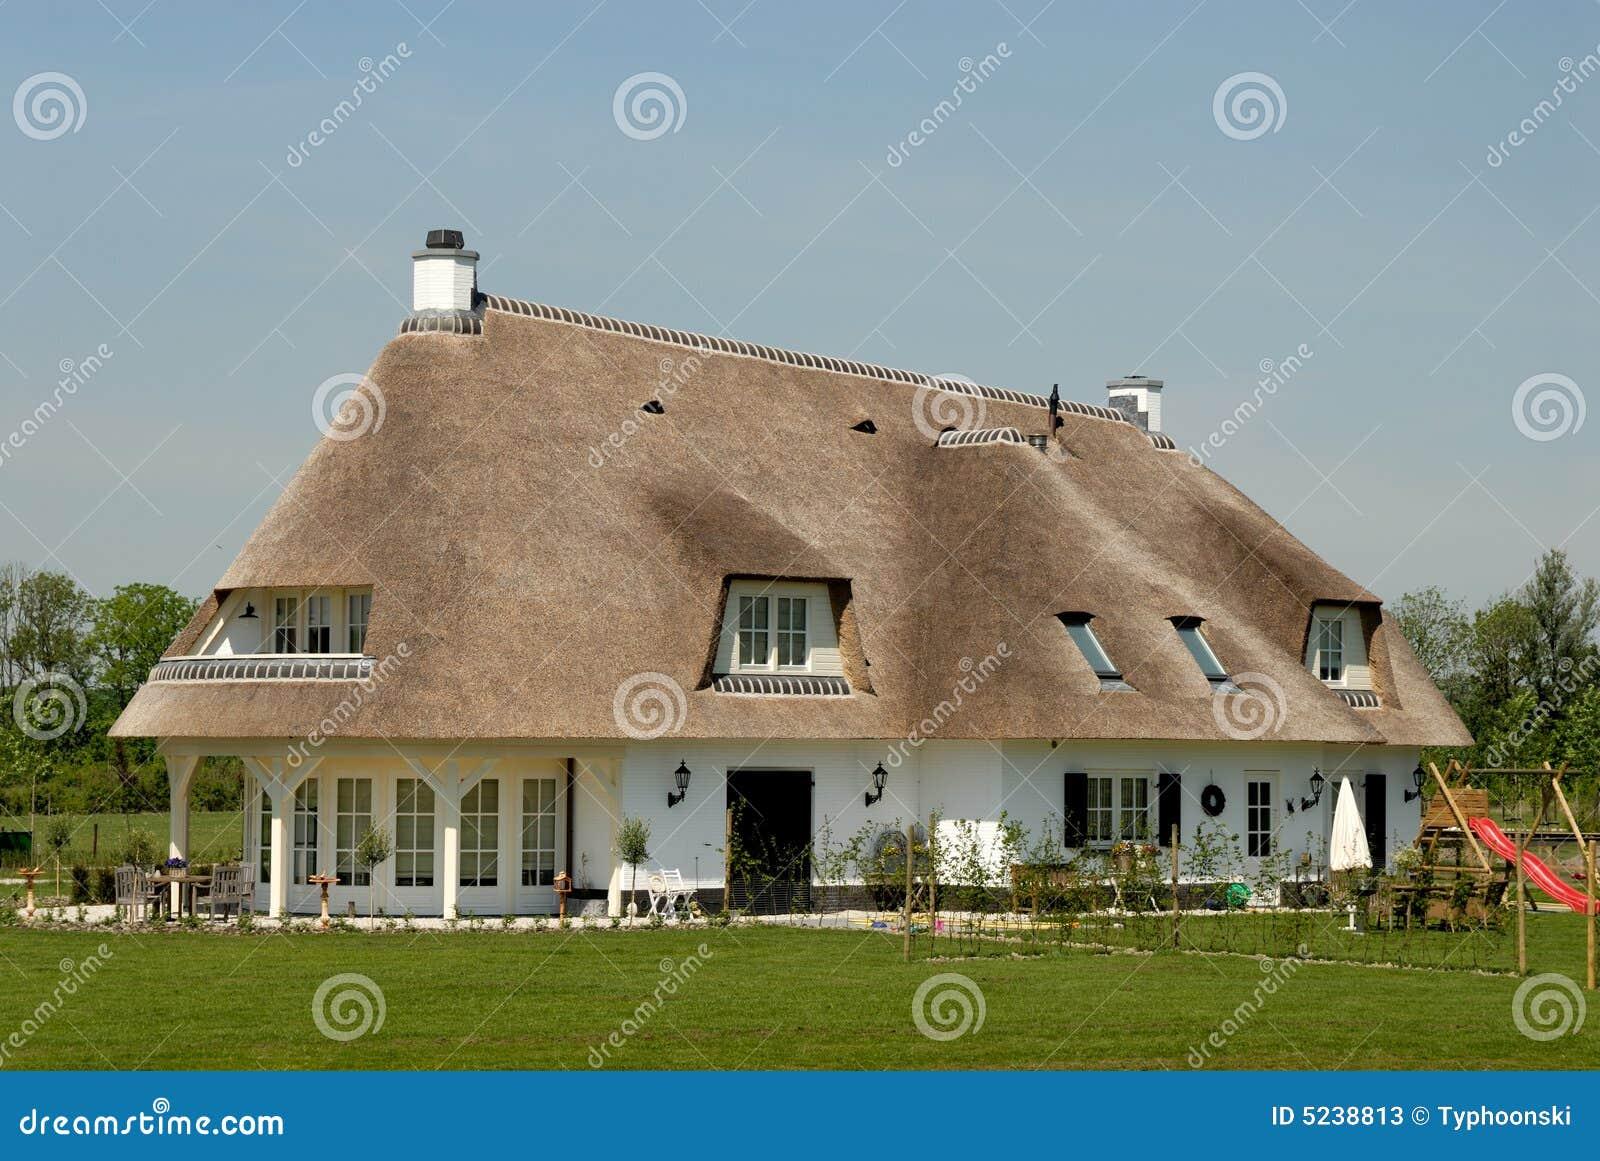 Niderlandy chałup tradycyjnych